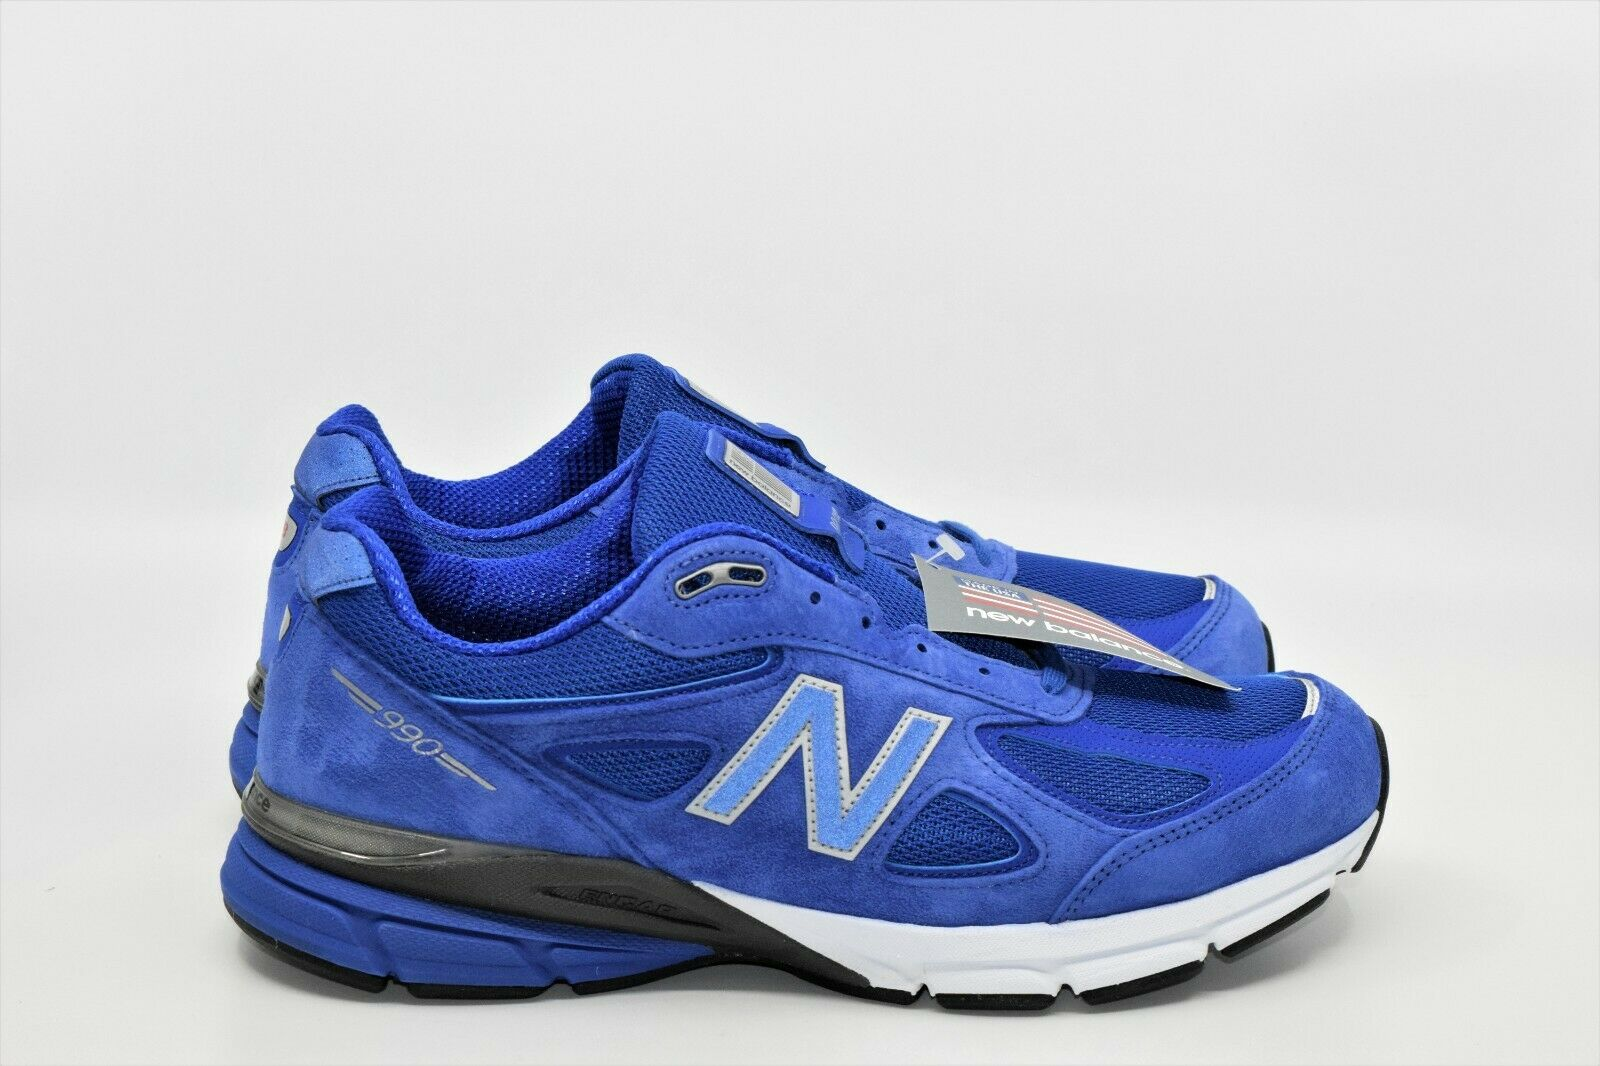 990v4 Real Azul Negro New Balance Heritage Talla 12 2E Nuevo